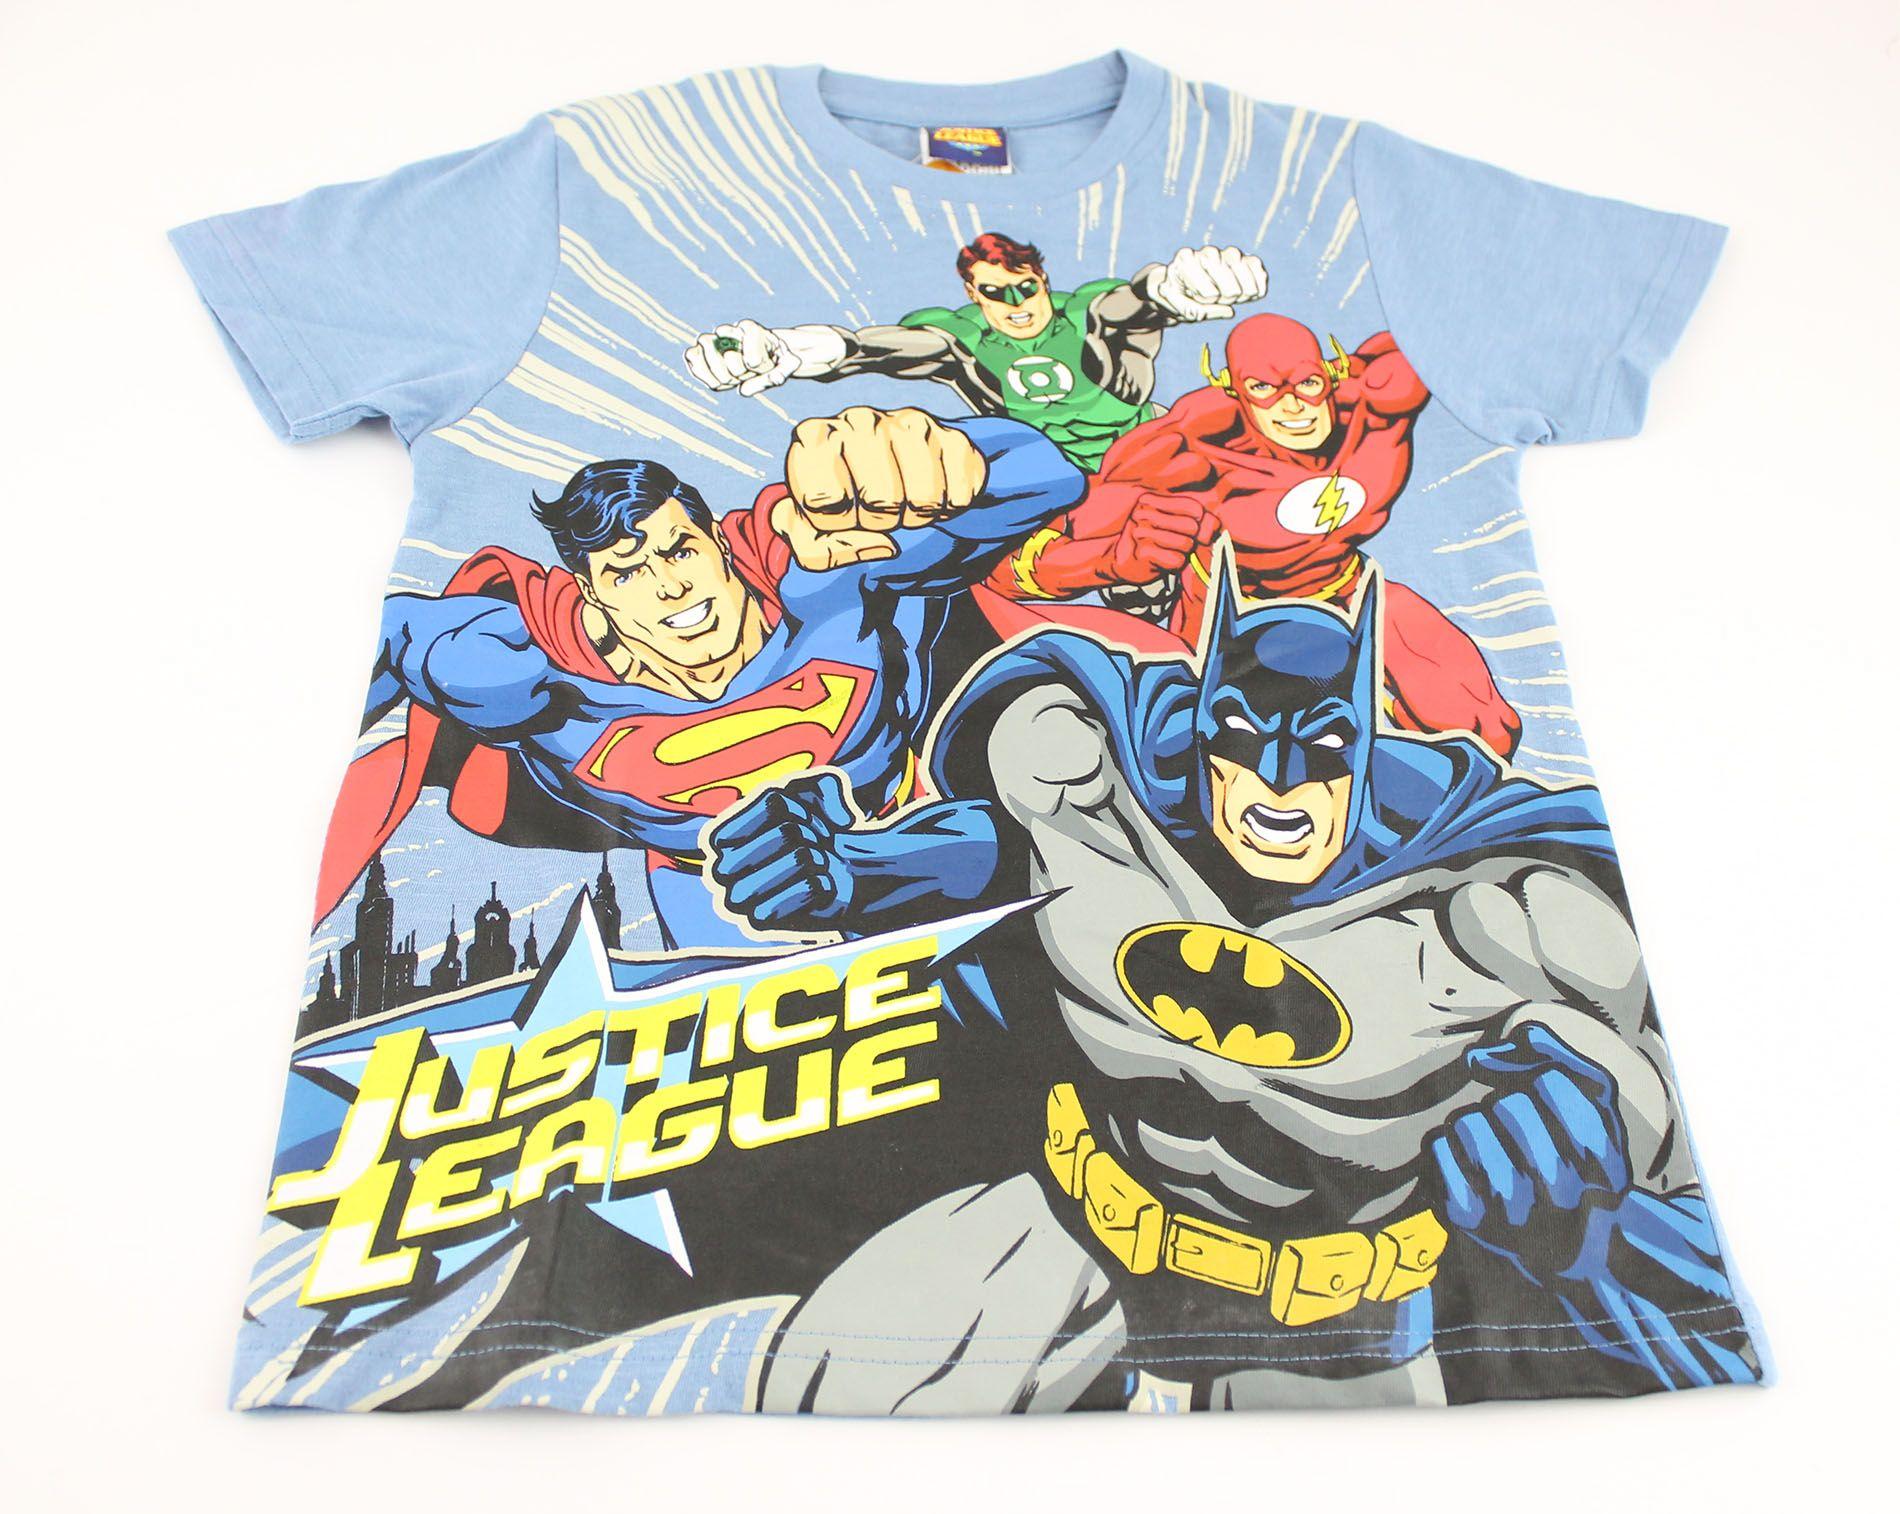 Justice League apparel tshirt